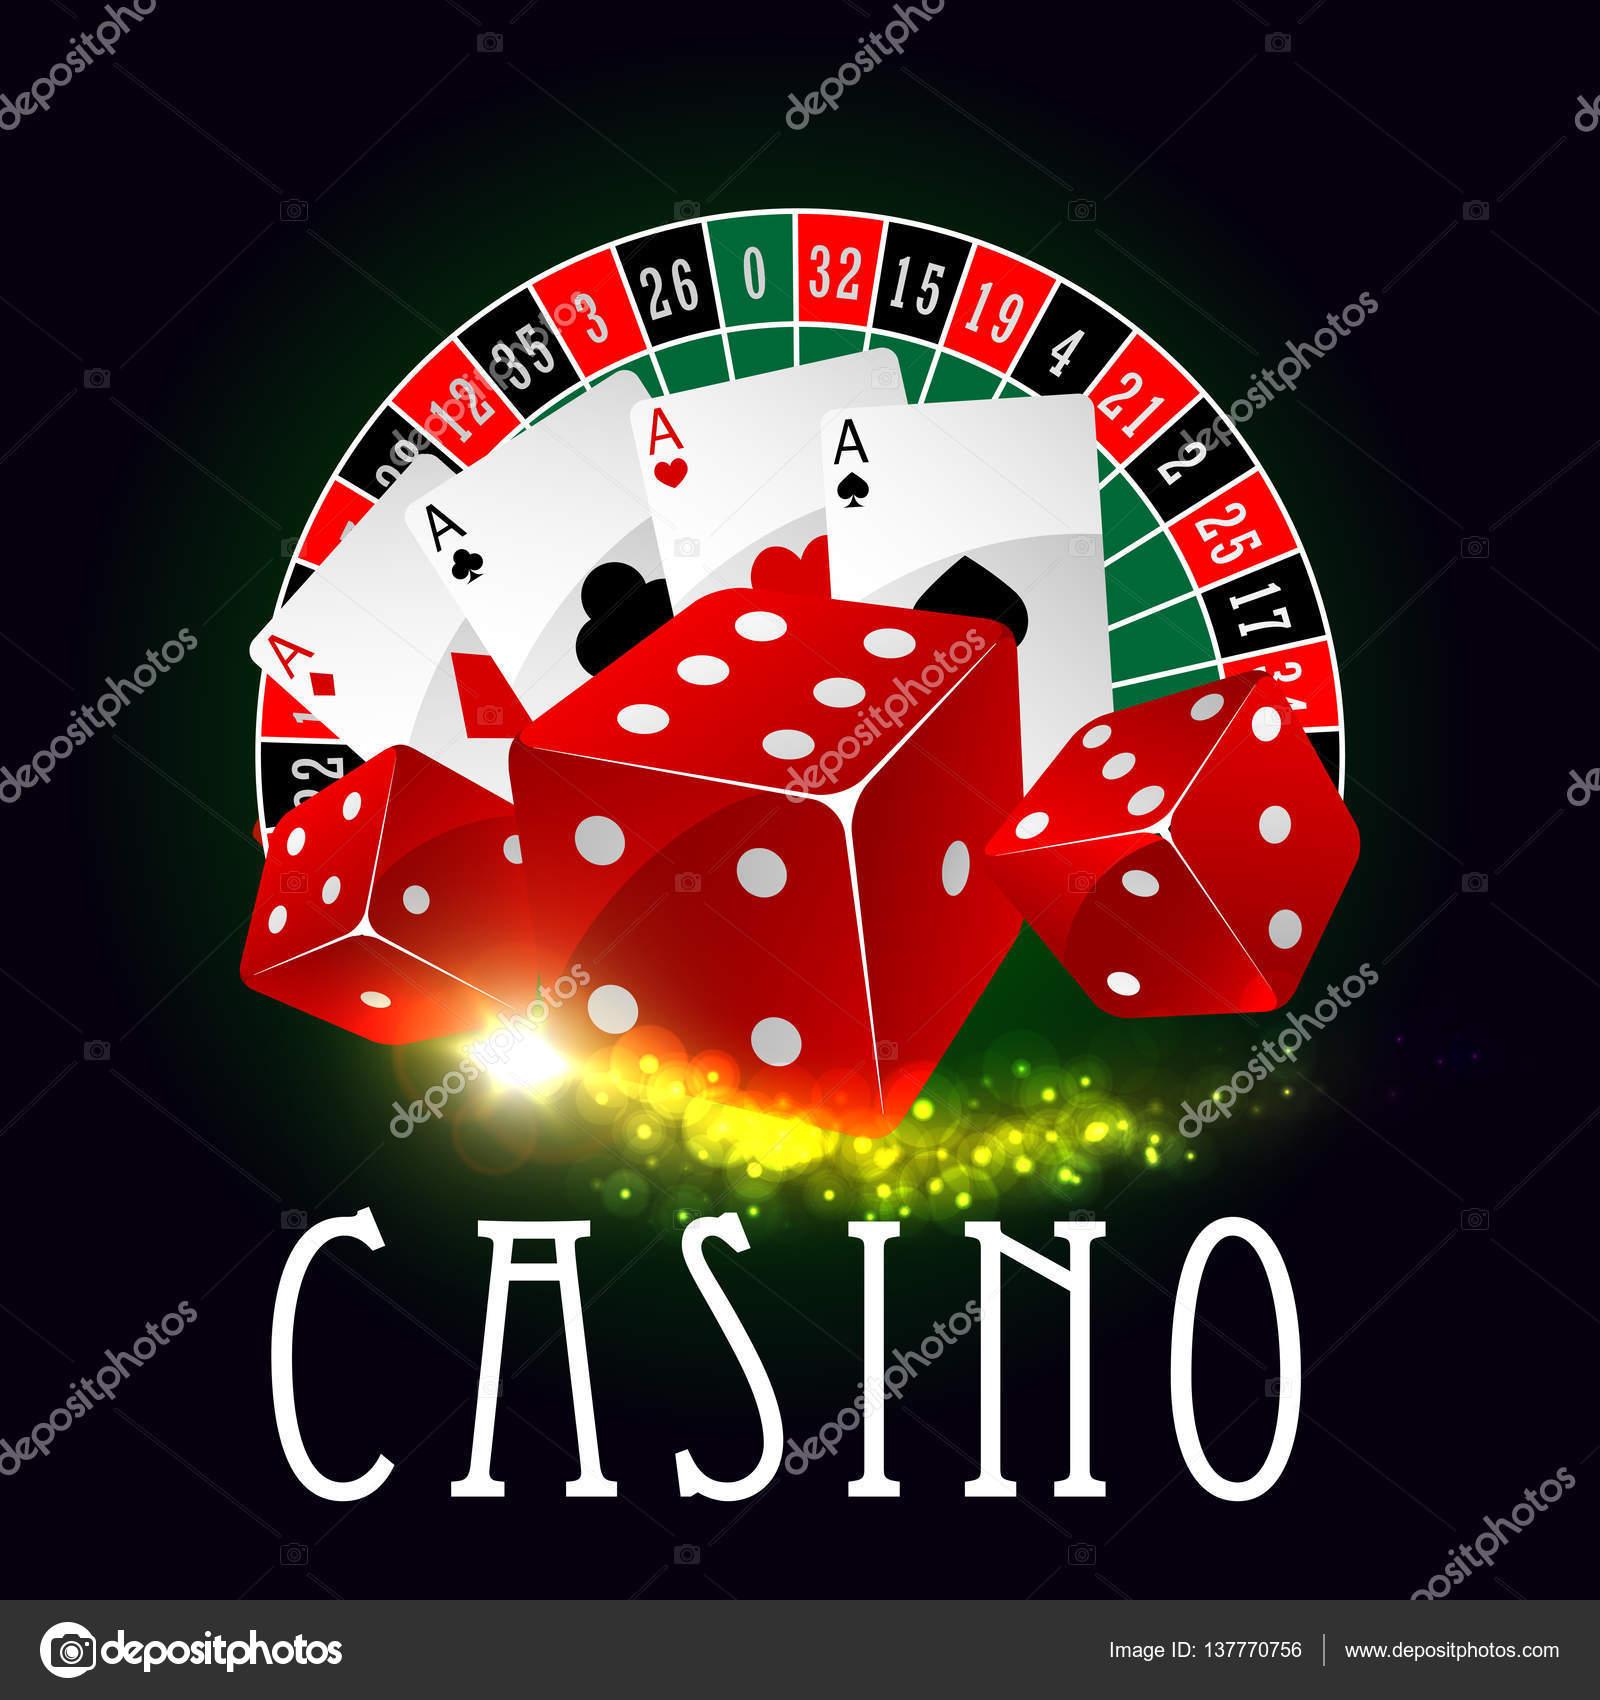 Nomini casino no deposit